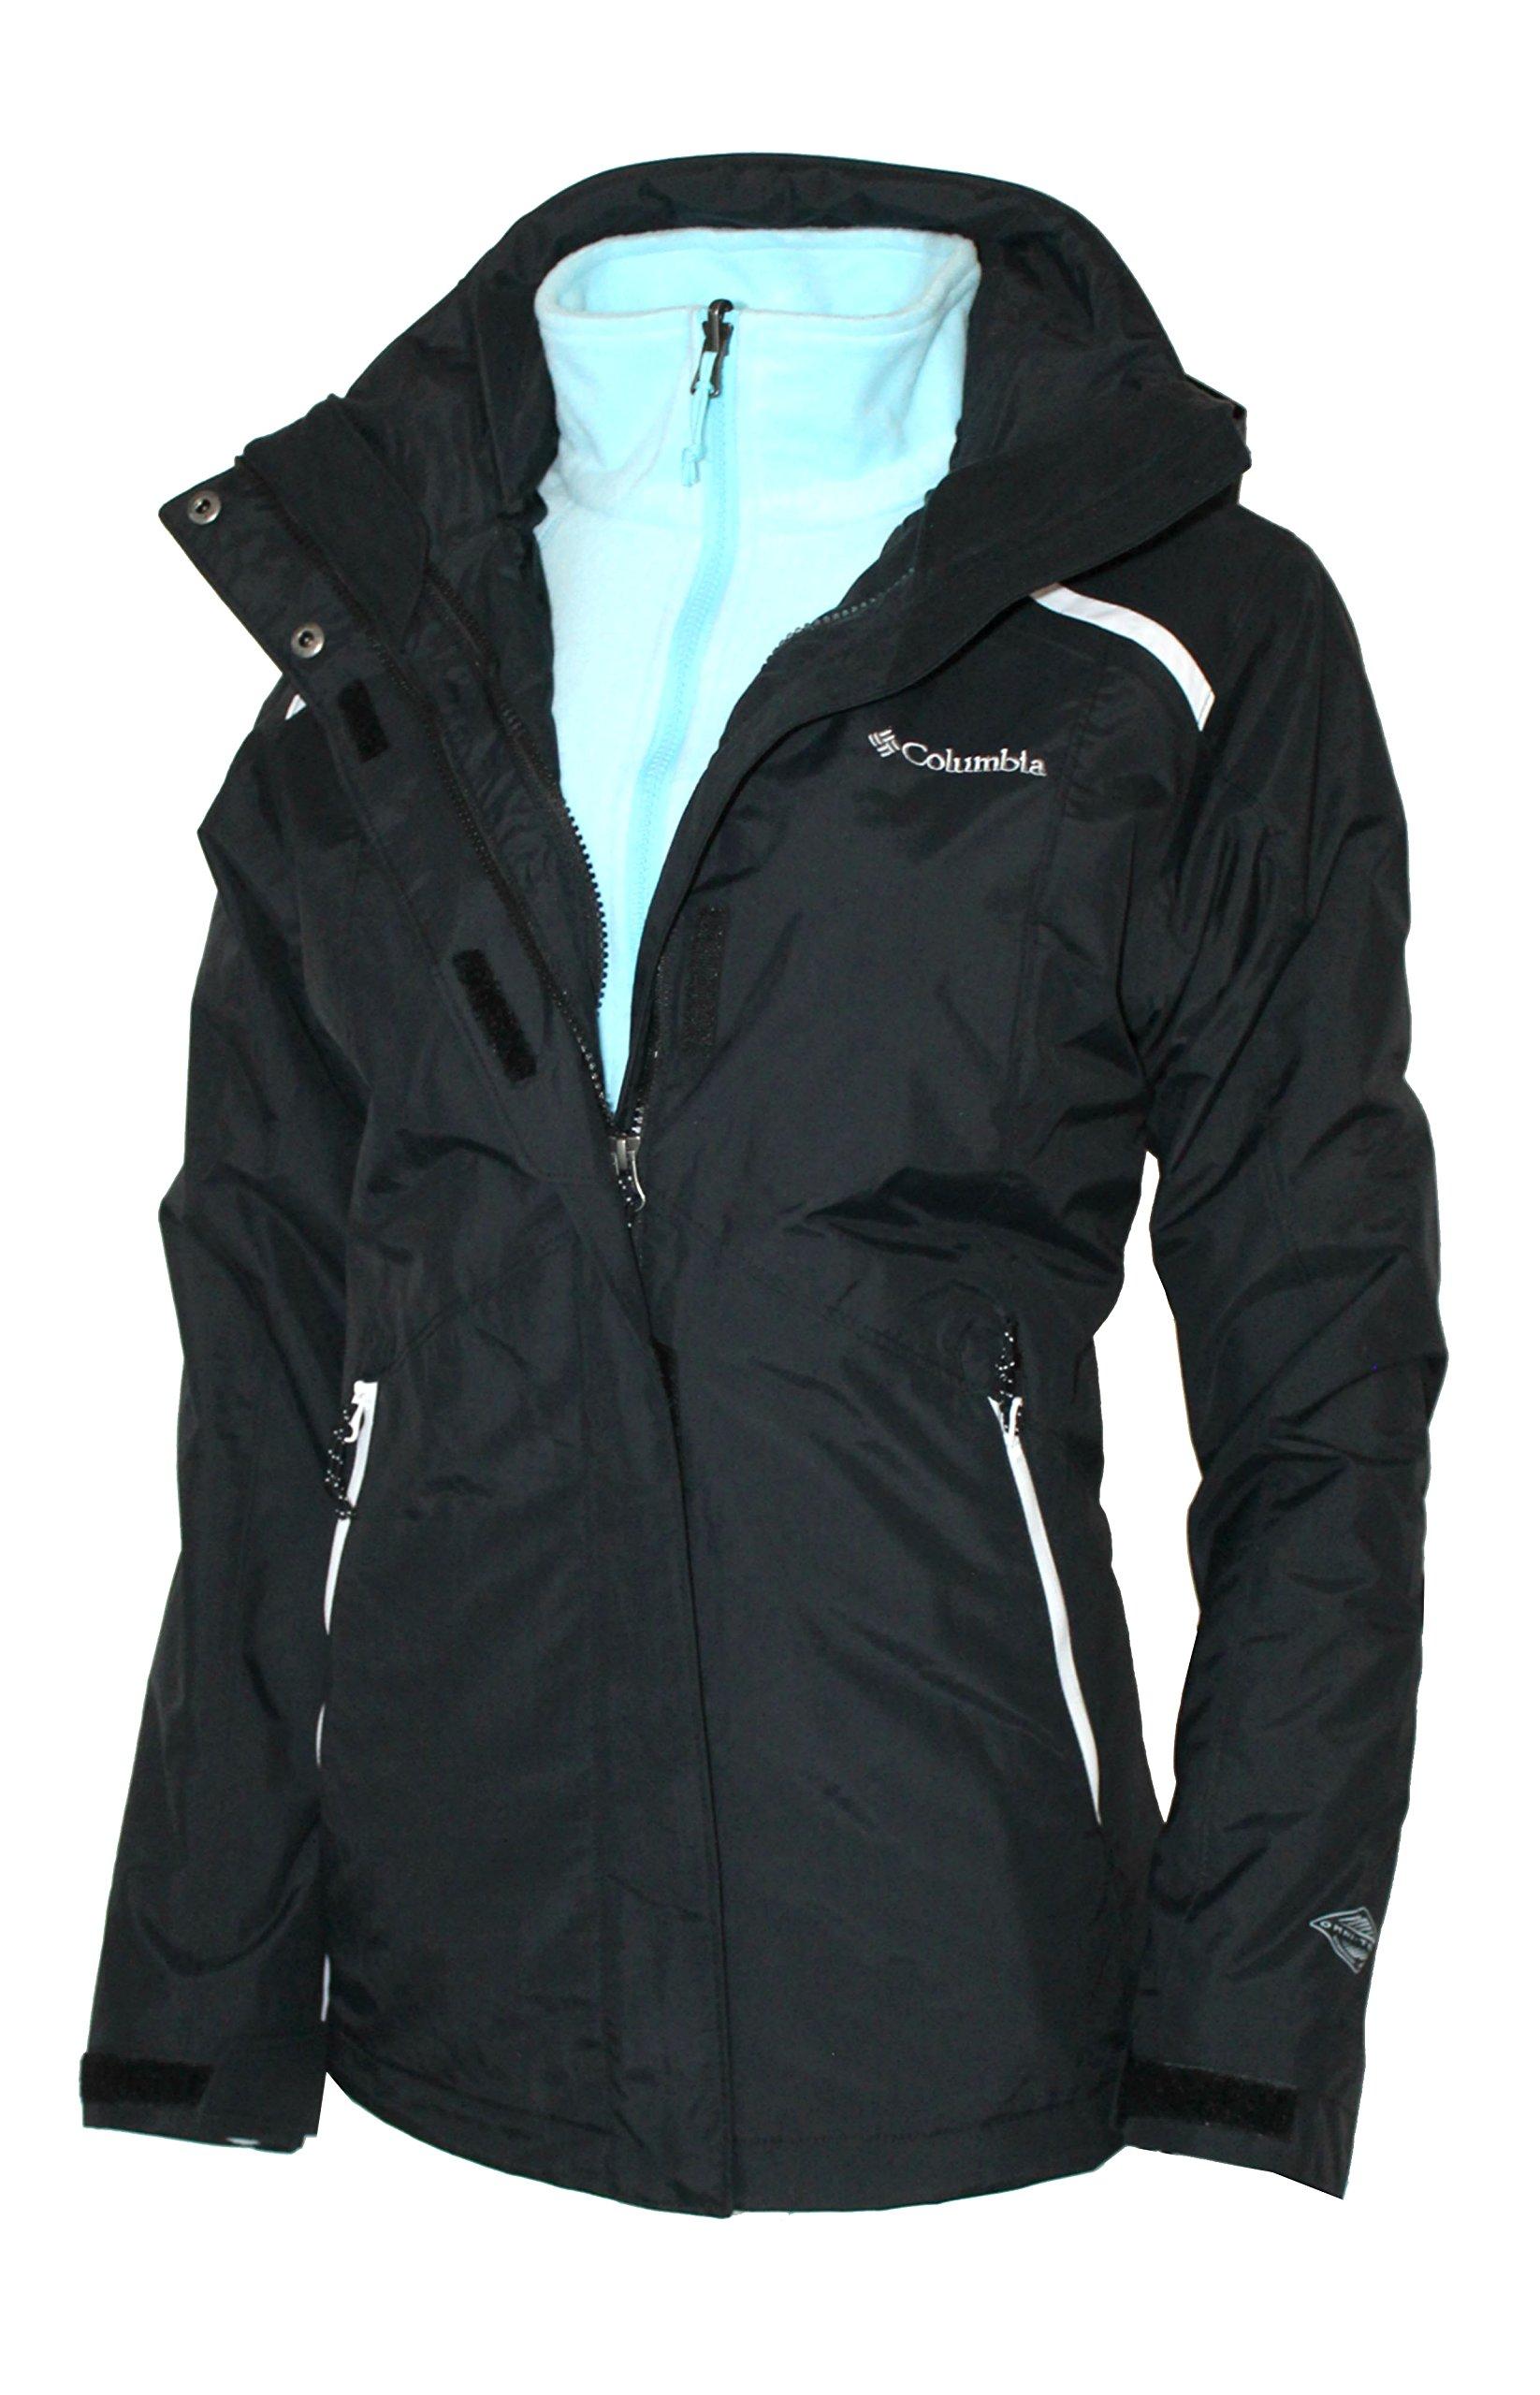 Columbia Women's 3 IN 1 Arctic Trip II Interchange Omni-Heat Winter Jacket (S)